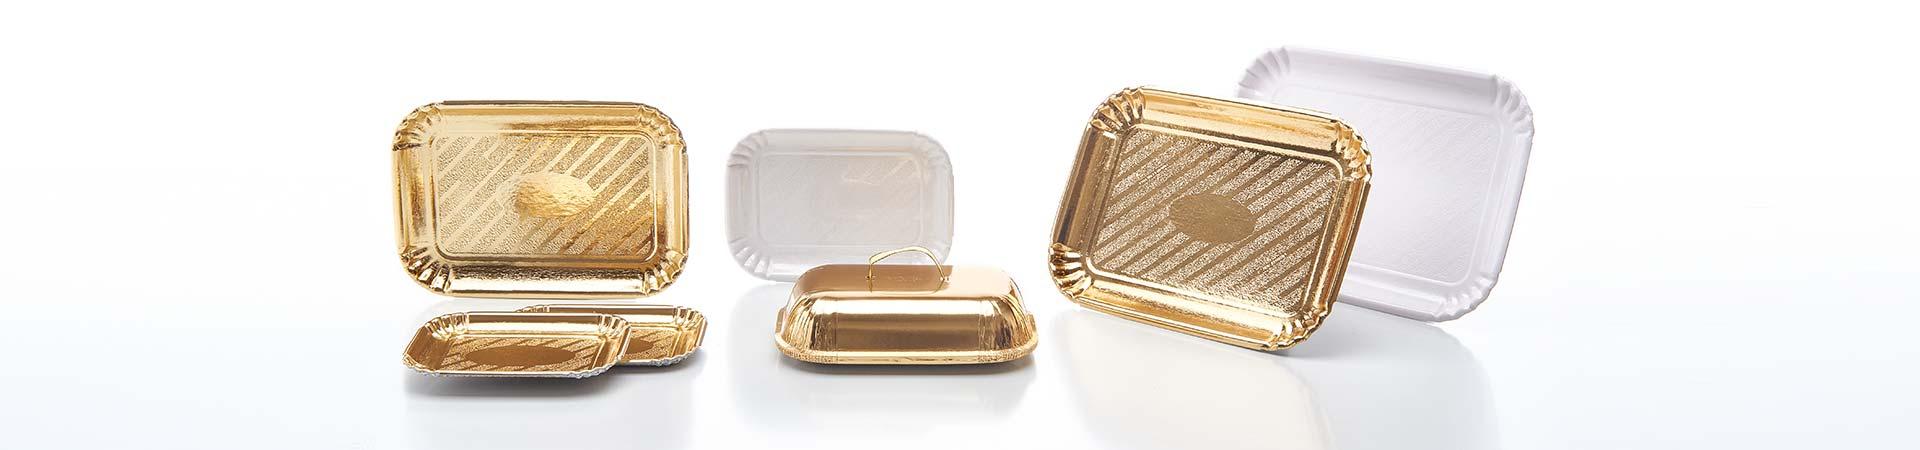 Novacart Oy cardboard trays